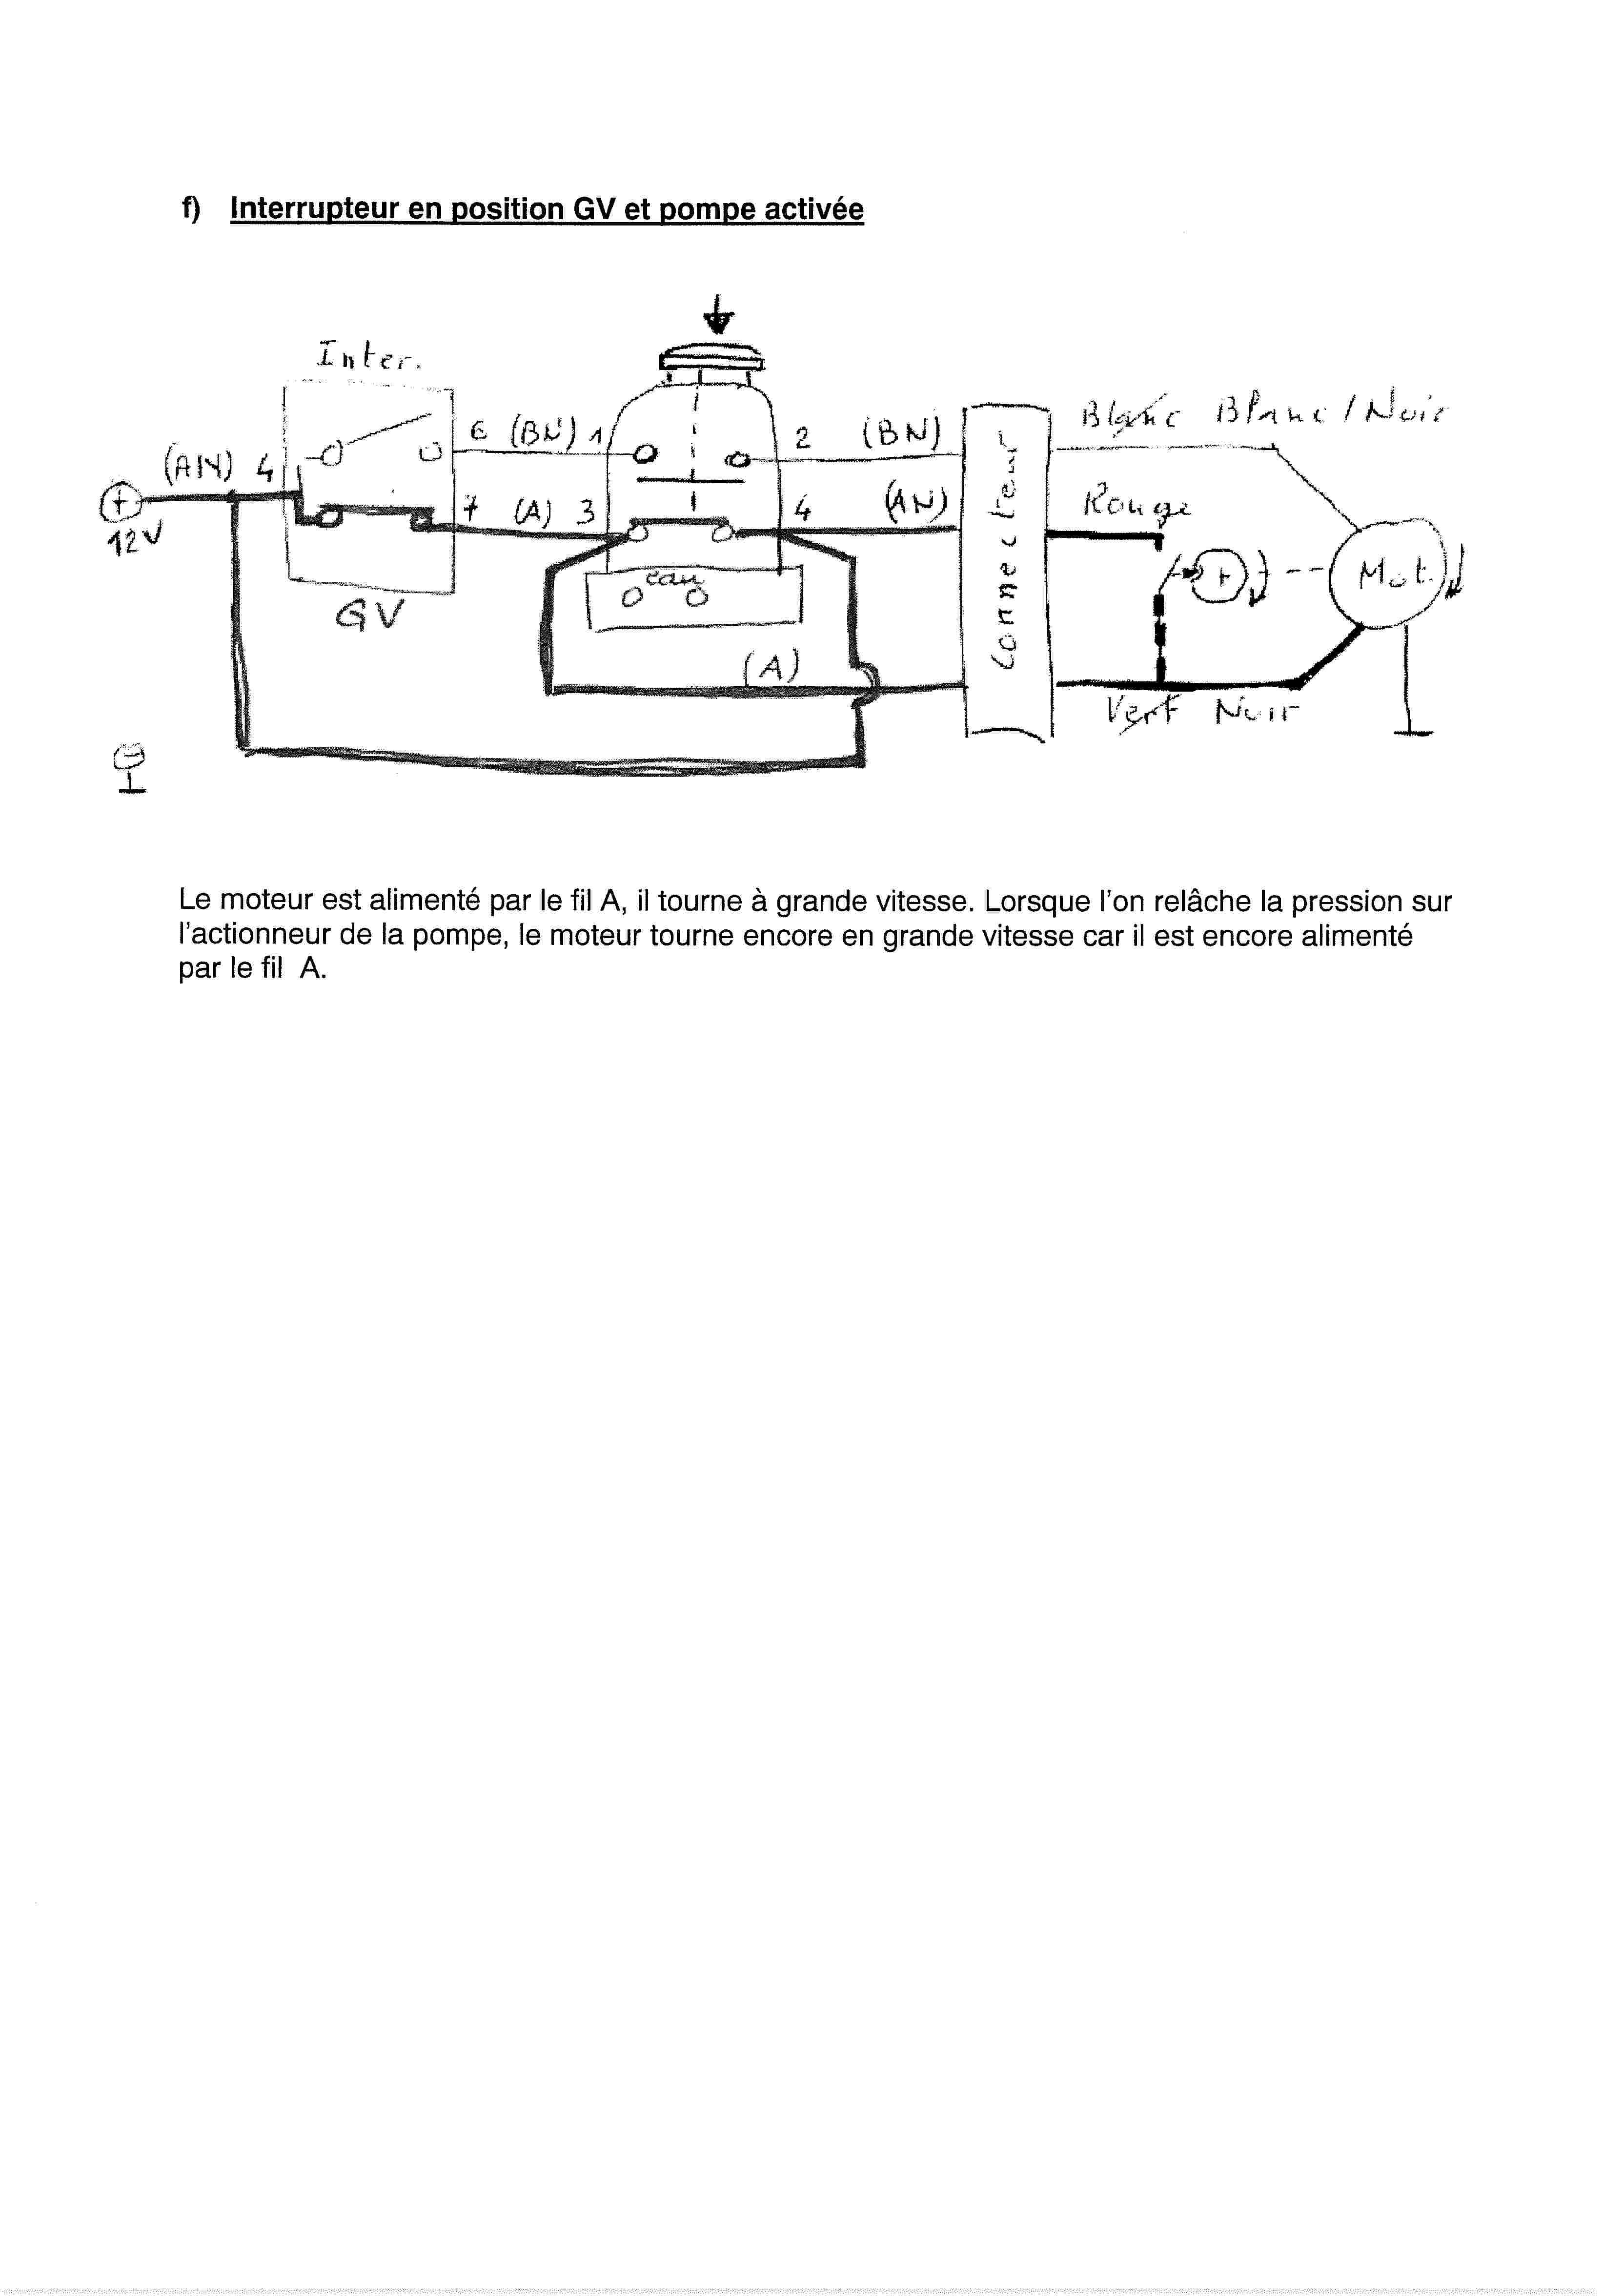 Essuie-glace - schéma électrique 00000014